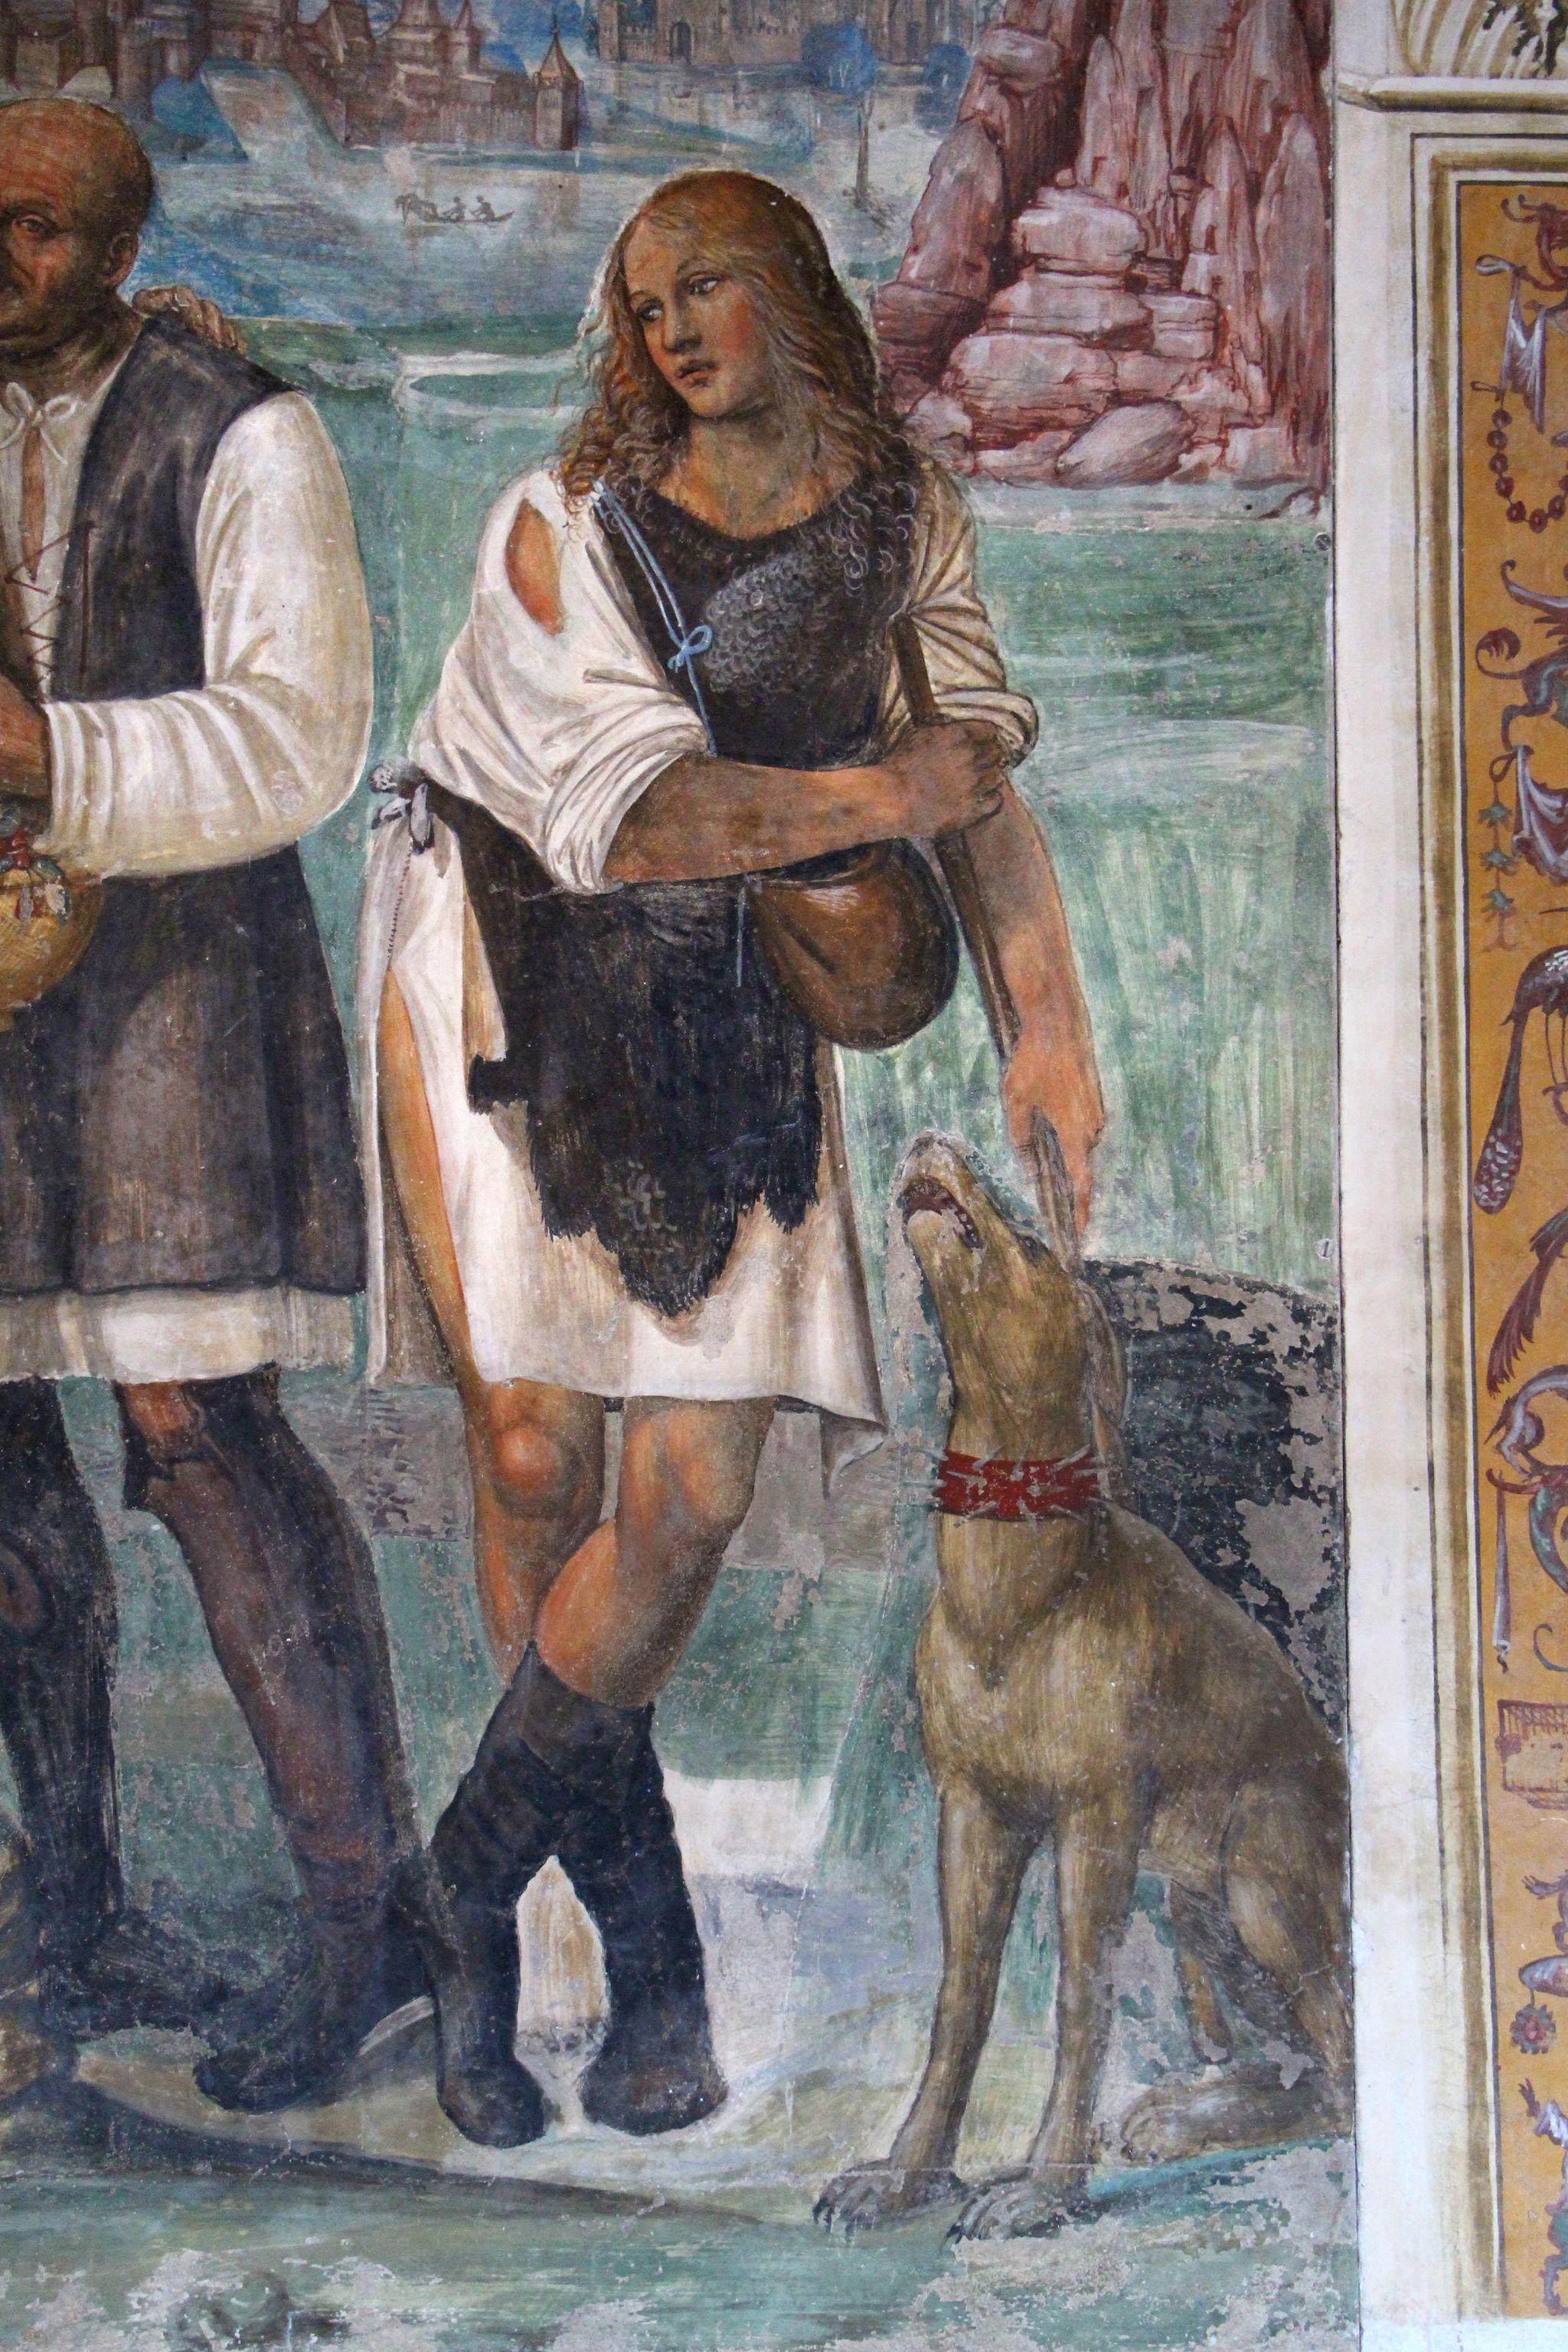 Storie di s. benedetto, 07 sodoma - Come Benedetto ammaestra nella santa dottrina i contadini che lo visitavano 05